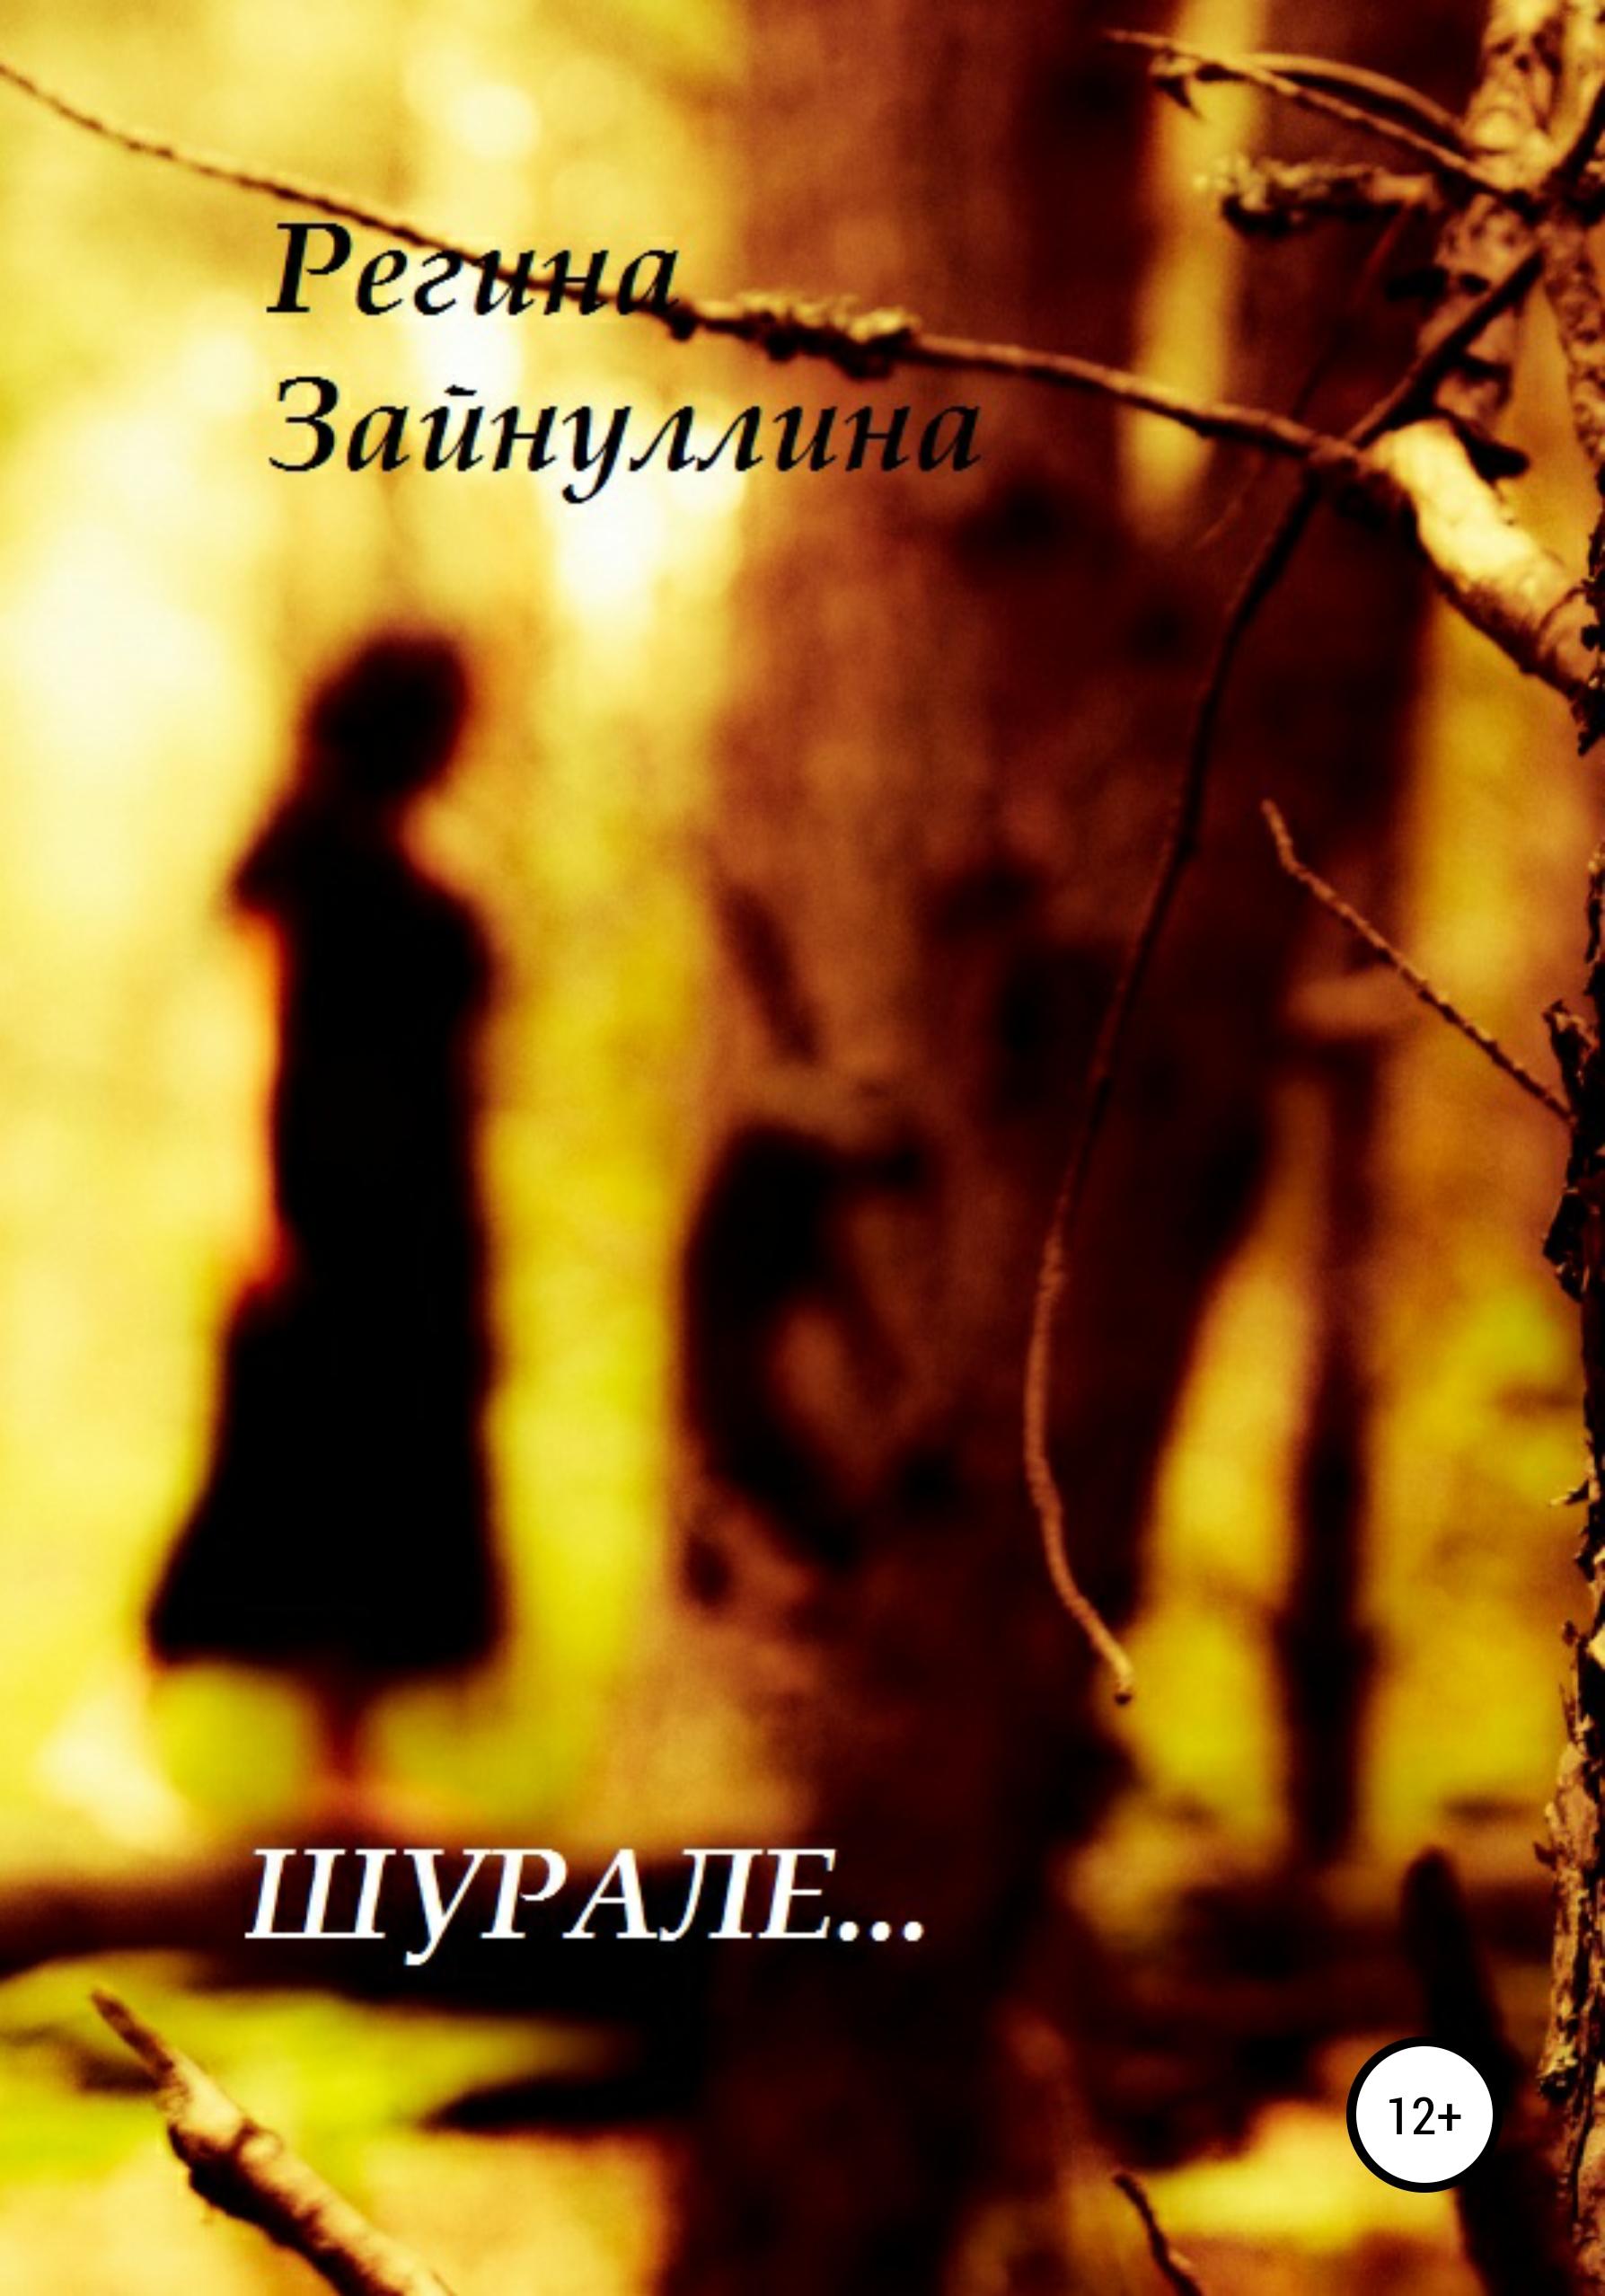 Купить книгу Шурале, автора Регины Зайнуллиной